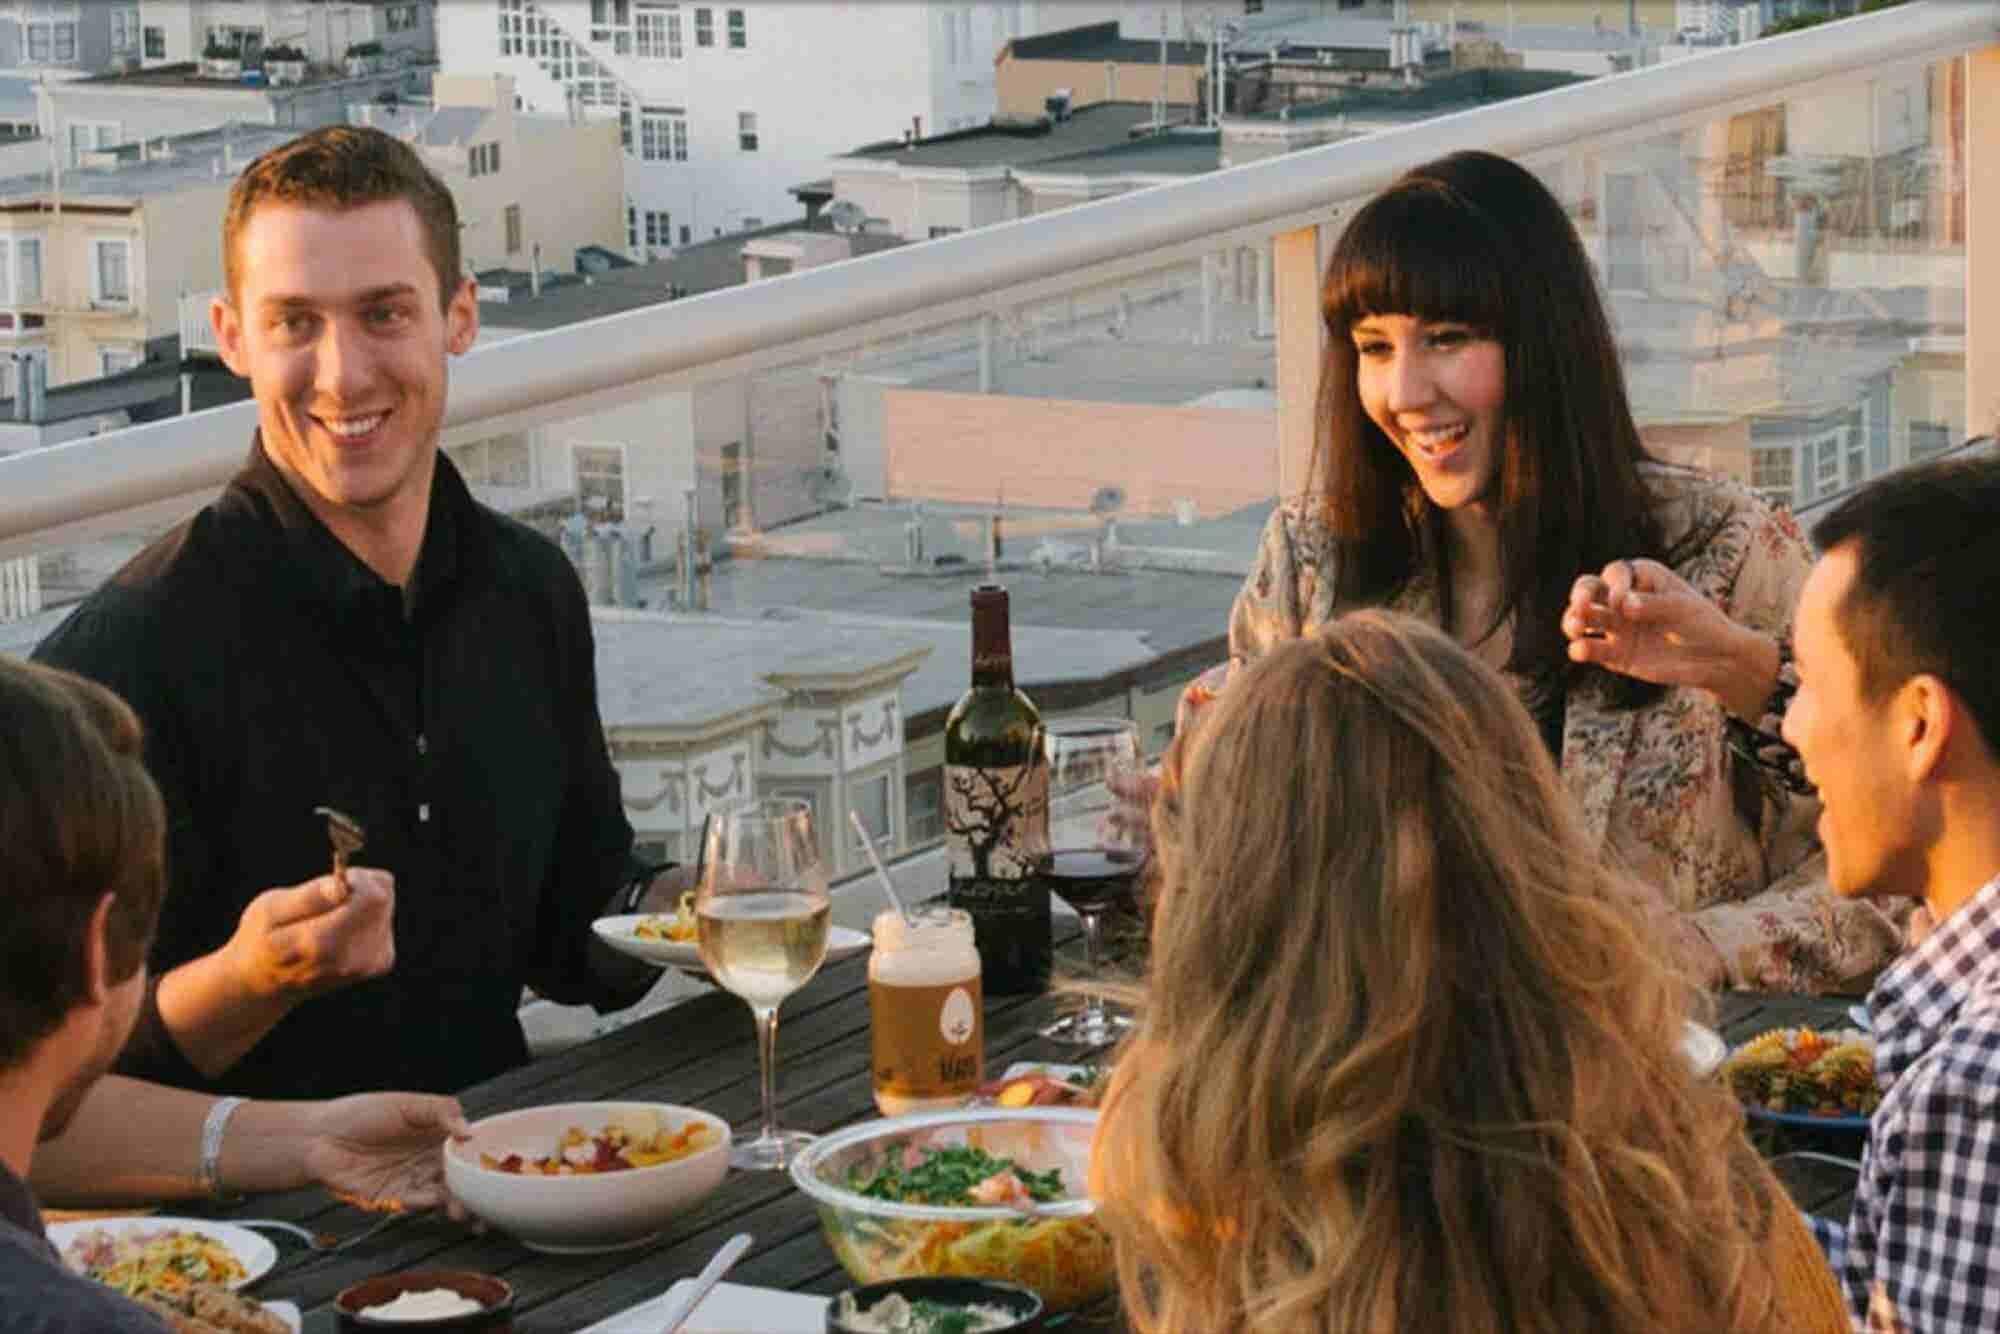 Food Startup Hampton Creek Raises $90 Million